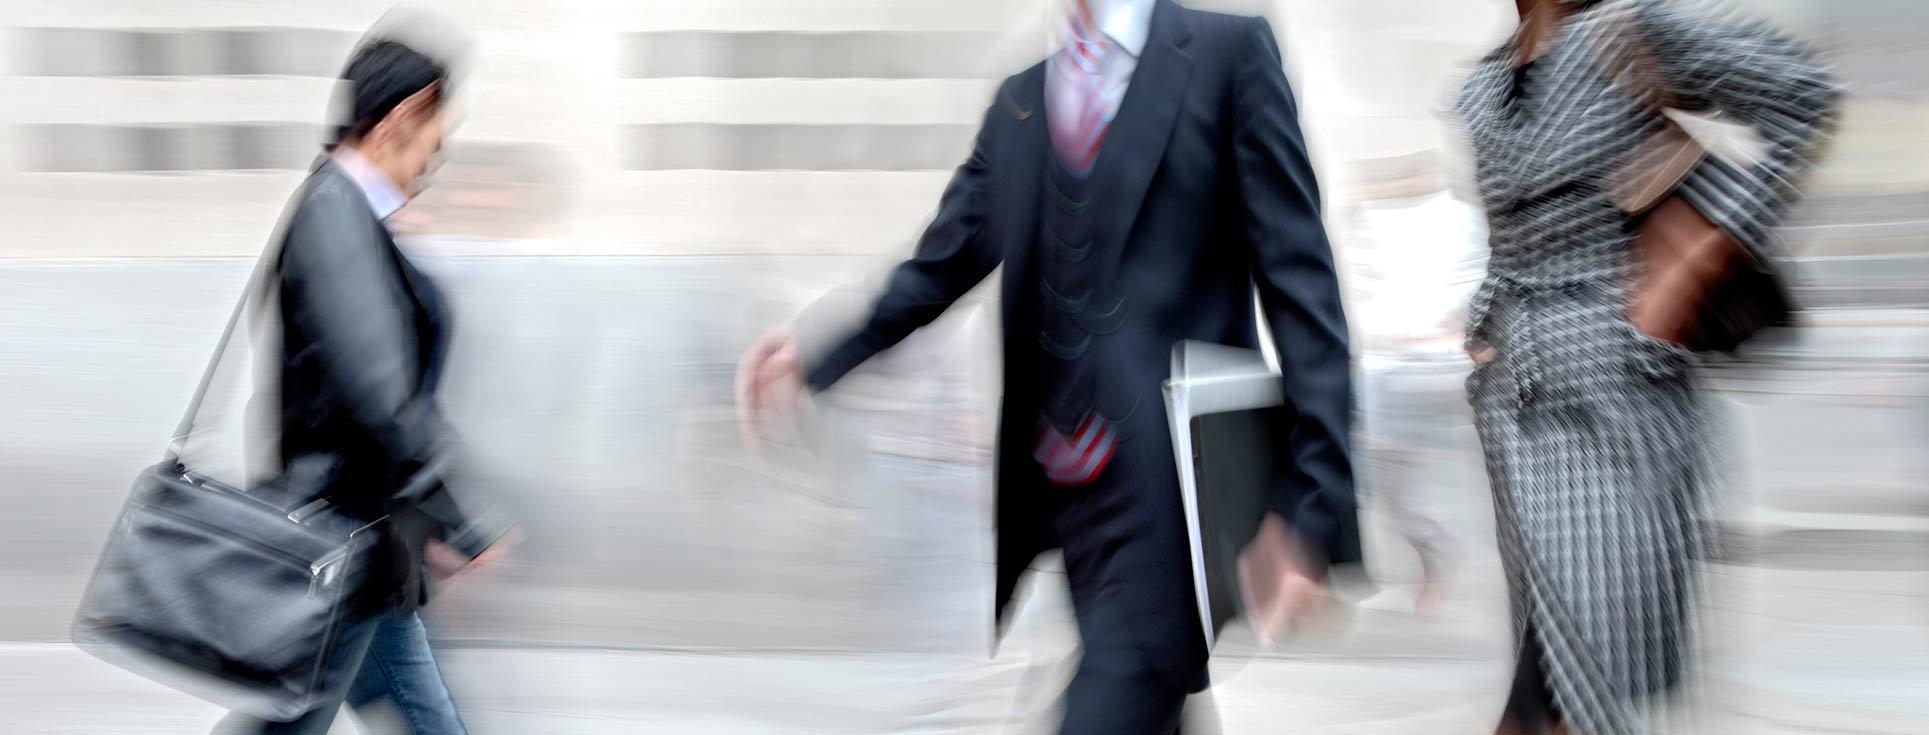 Stressade chefer och ledare susar förbi - ta tag i stressen och bli mer hållbar.